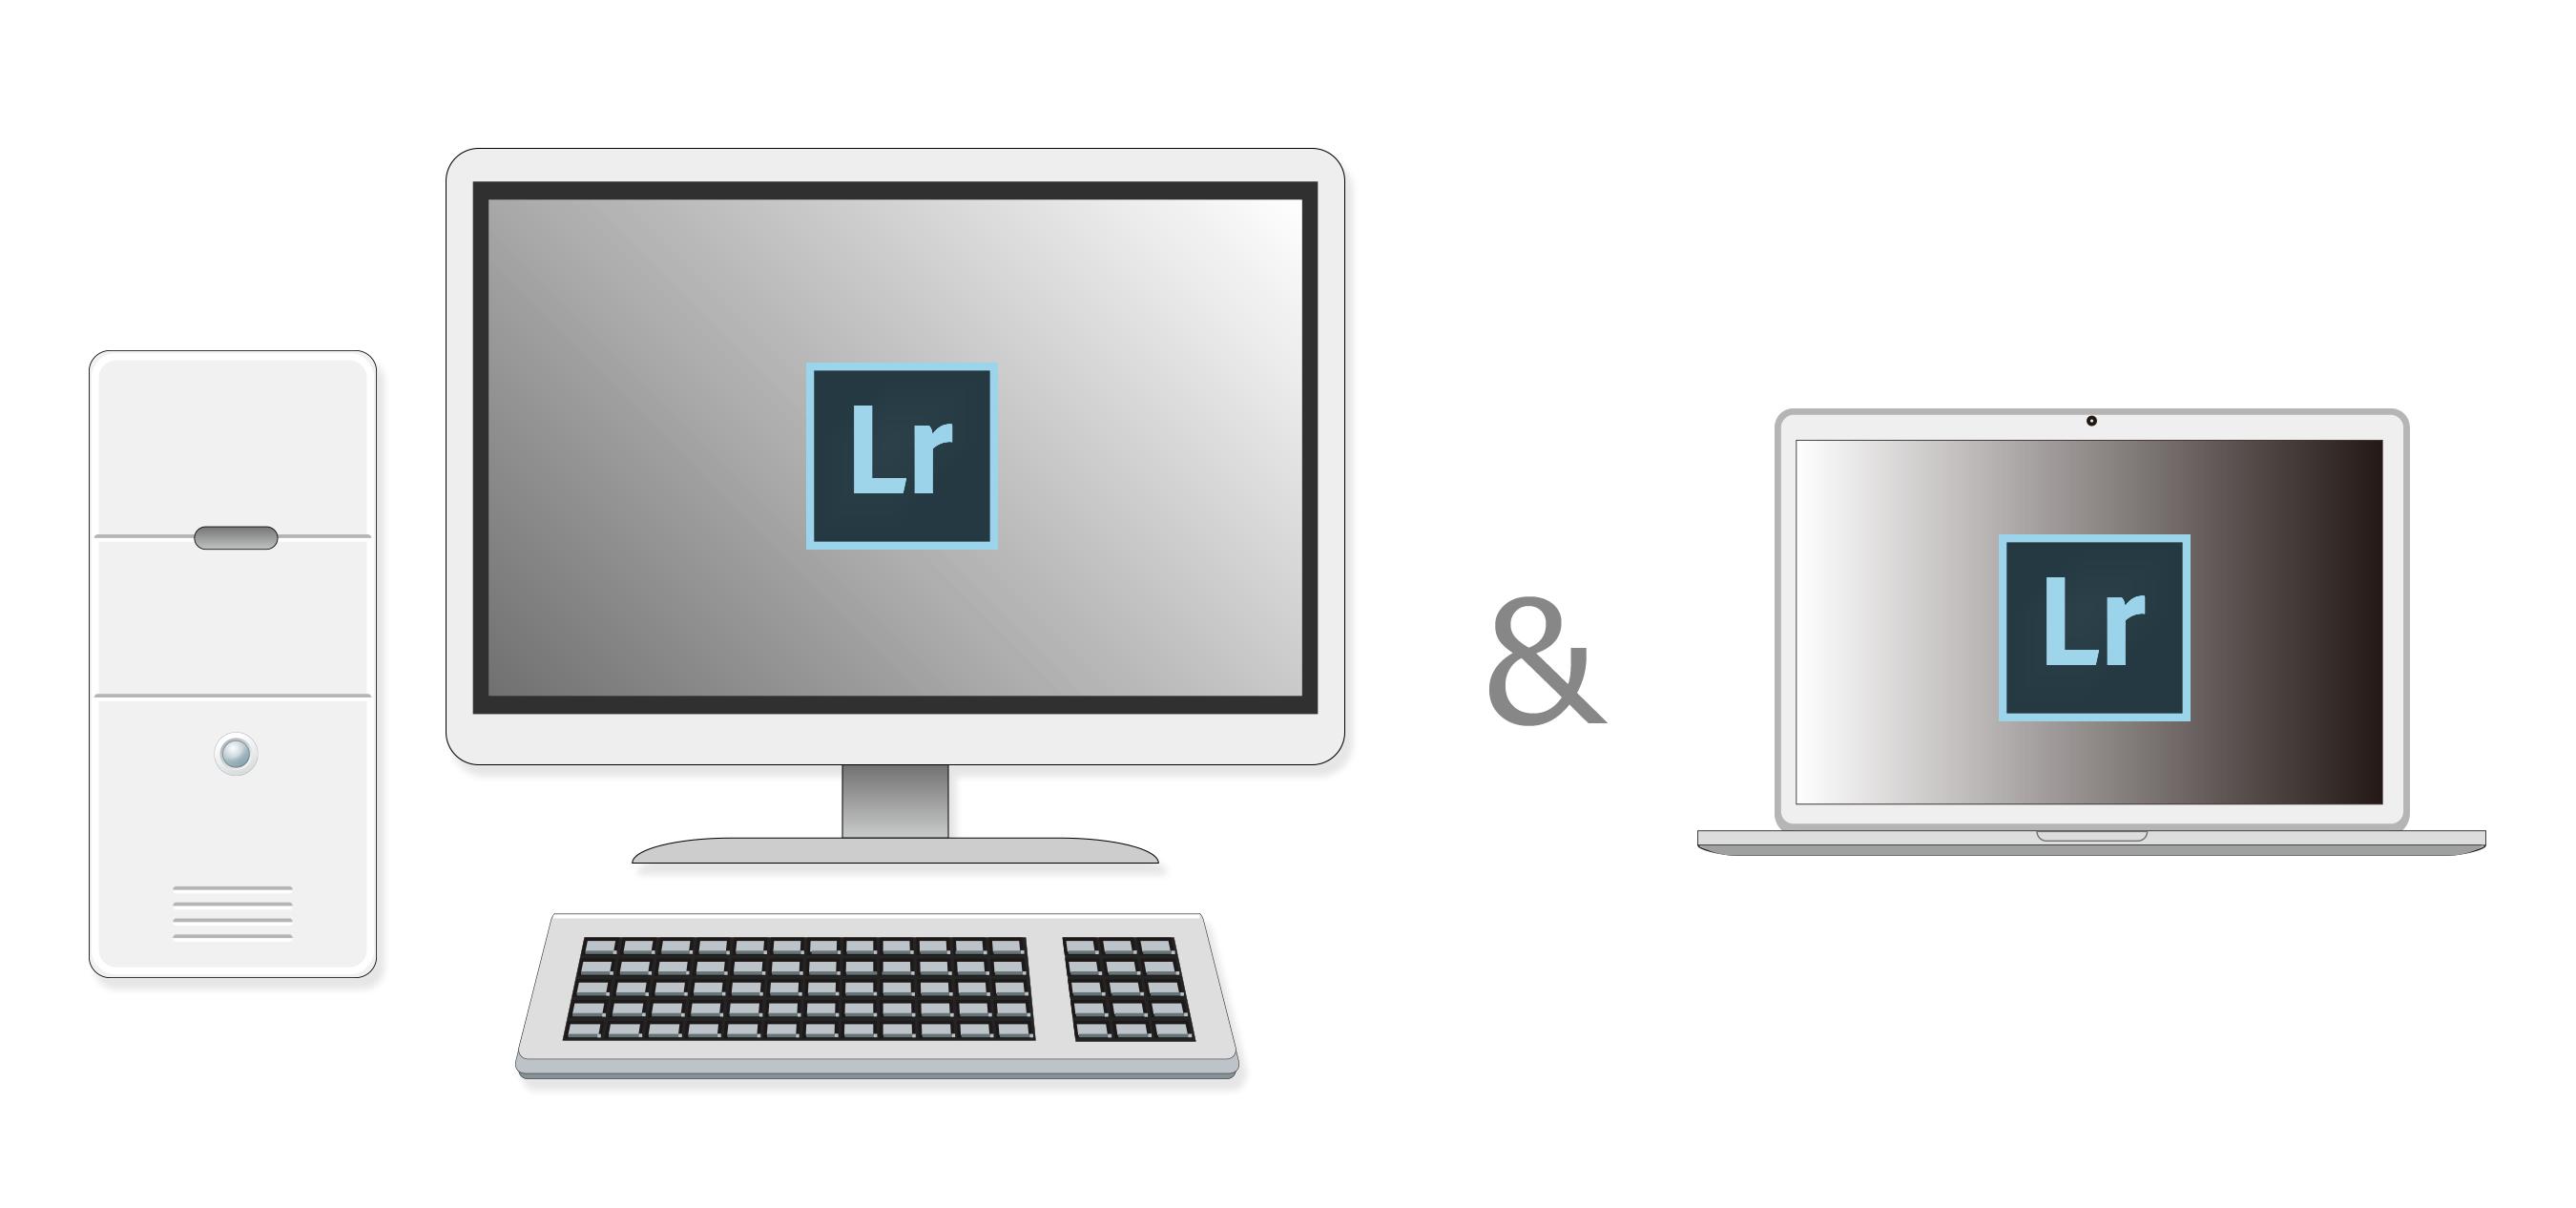 デスクトップパソコンとノートPC